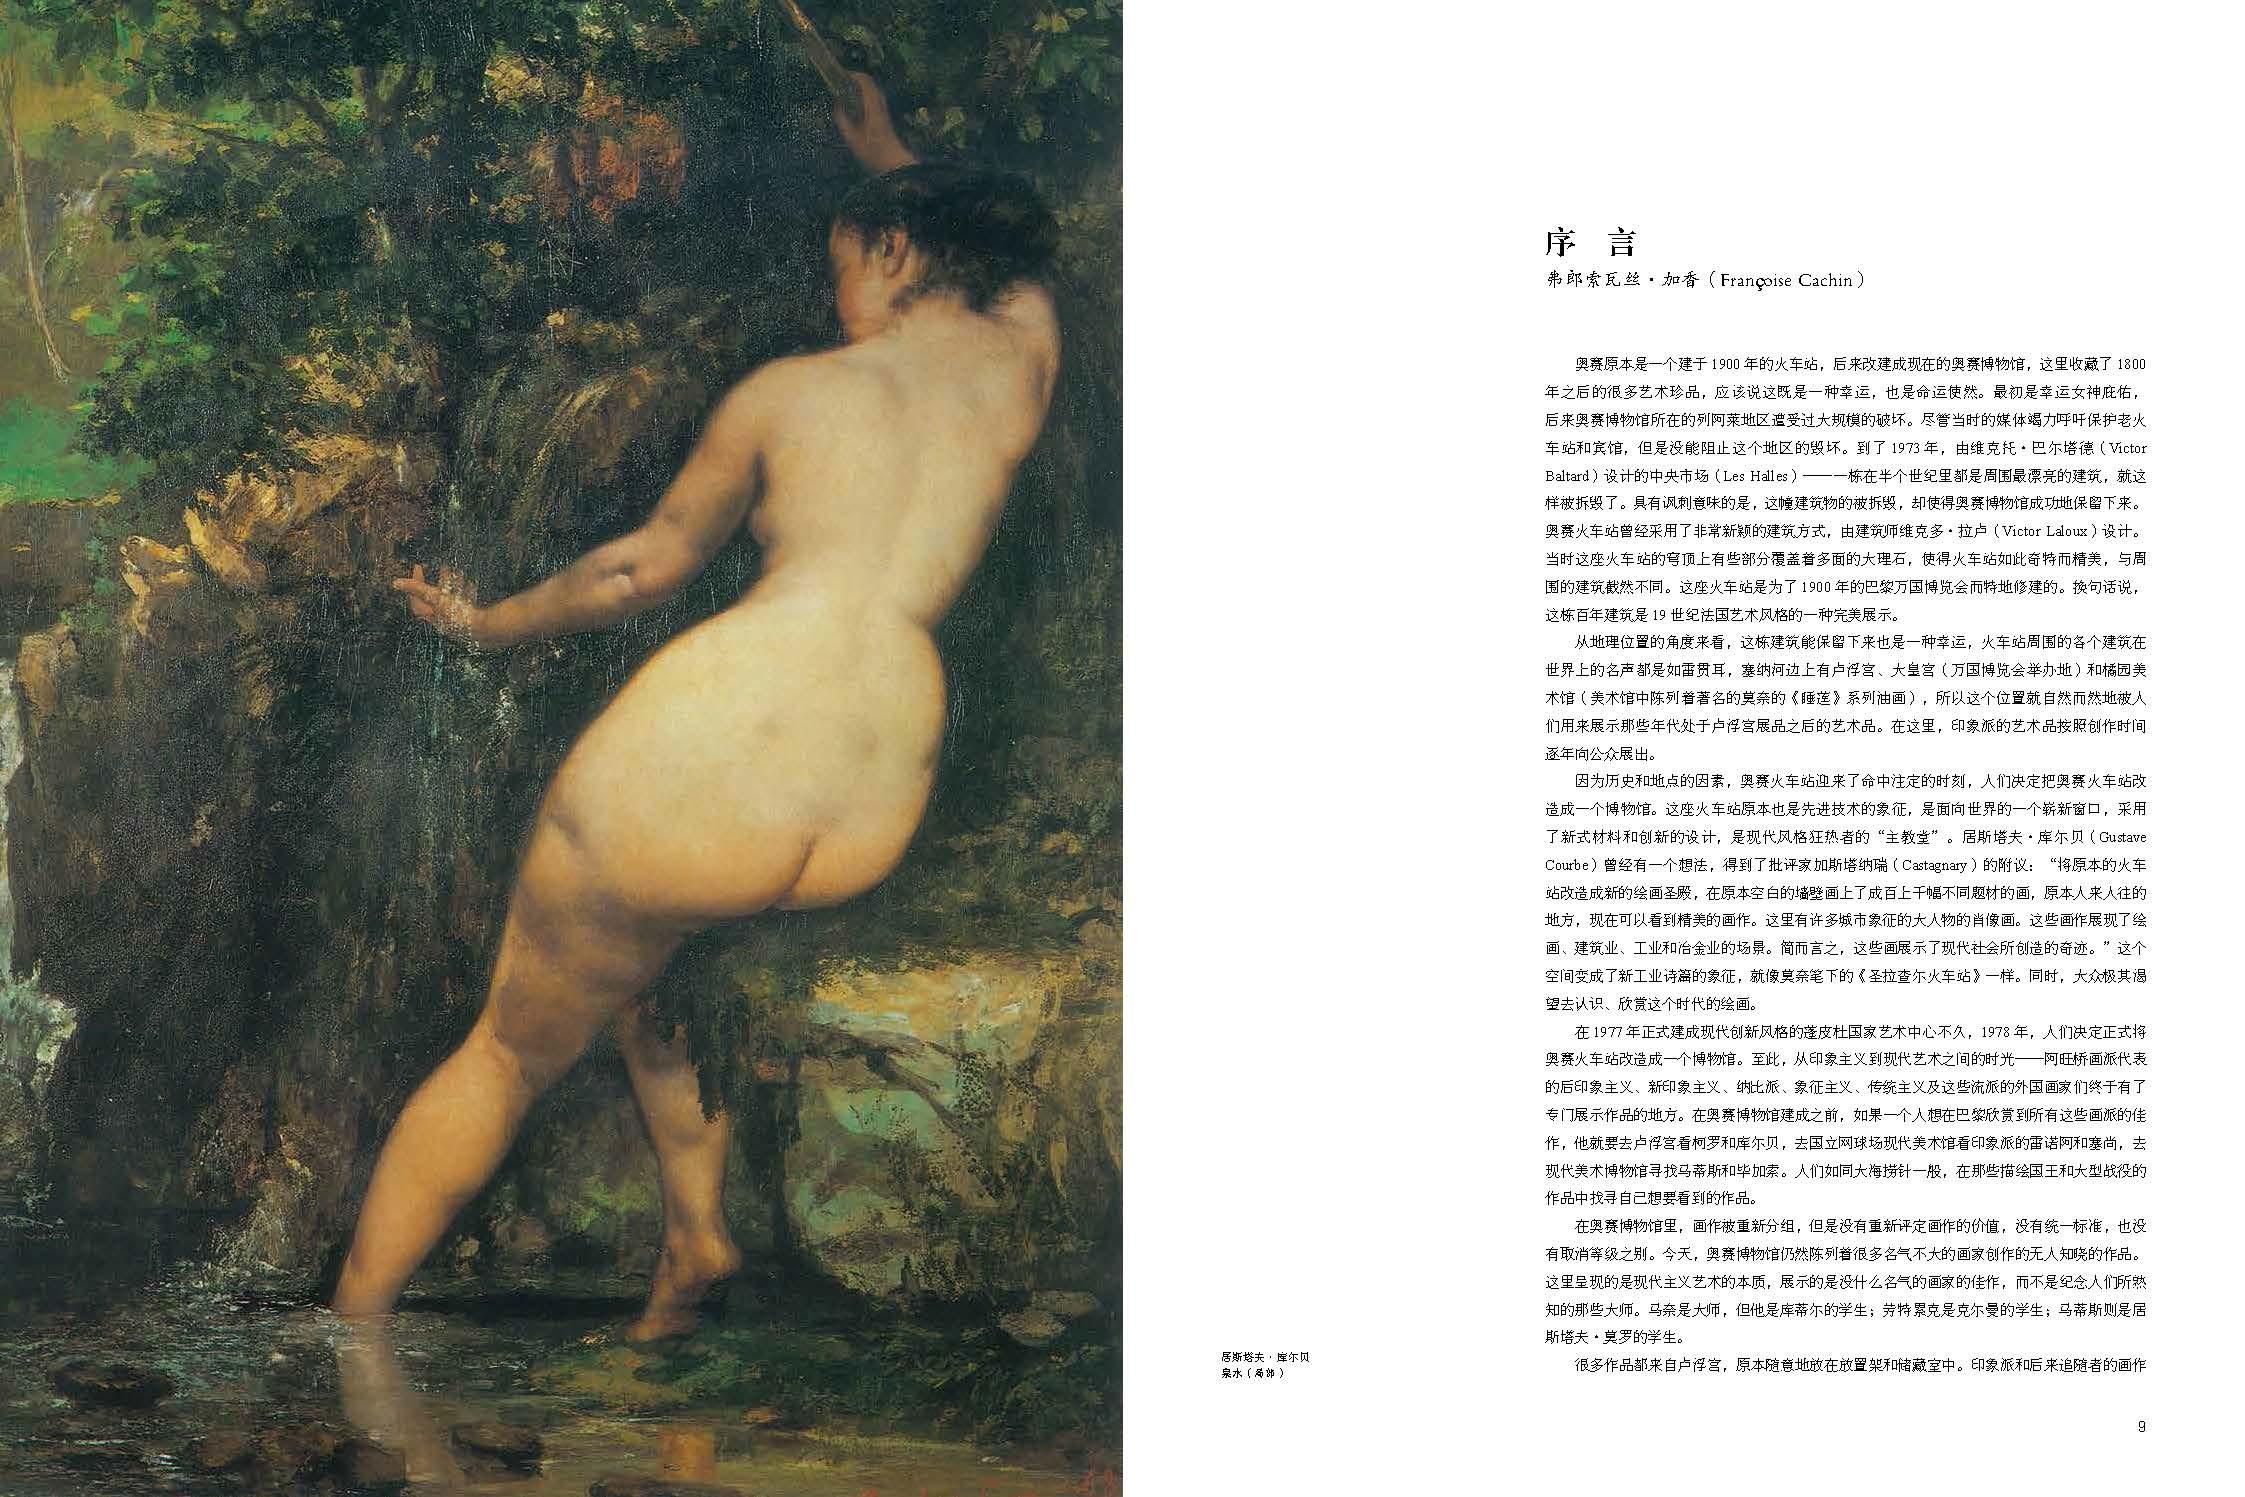 页面提取自-奥赛博物馆内文全.jpg